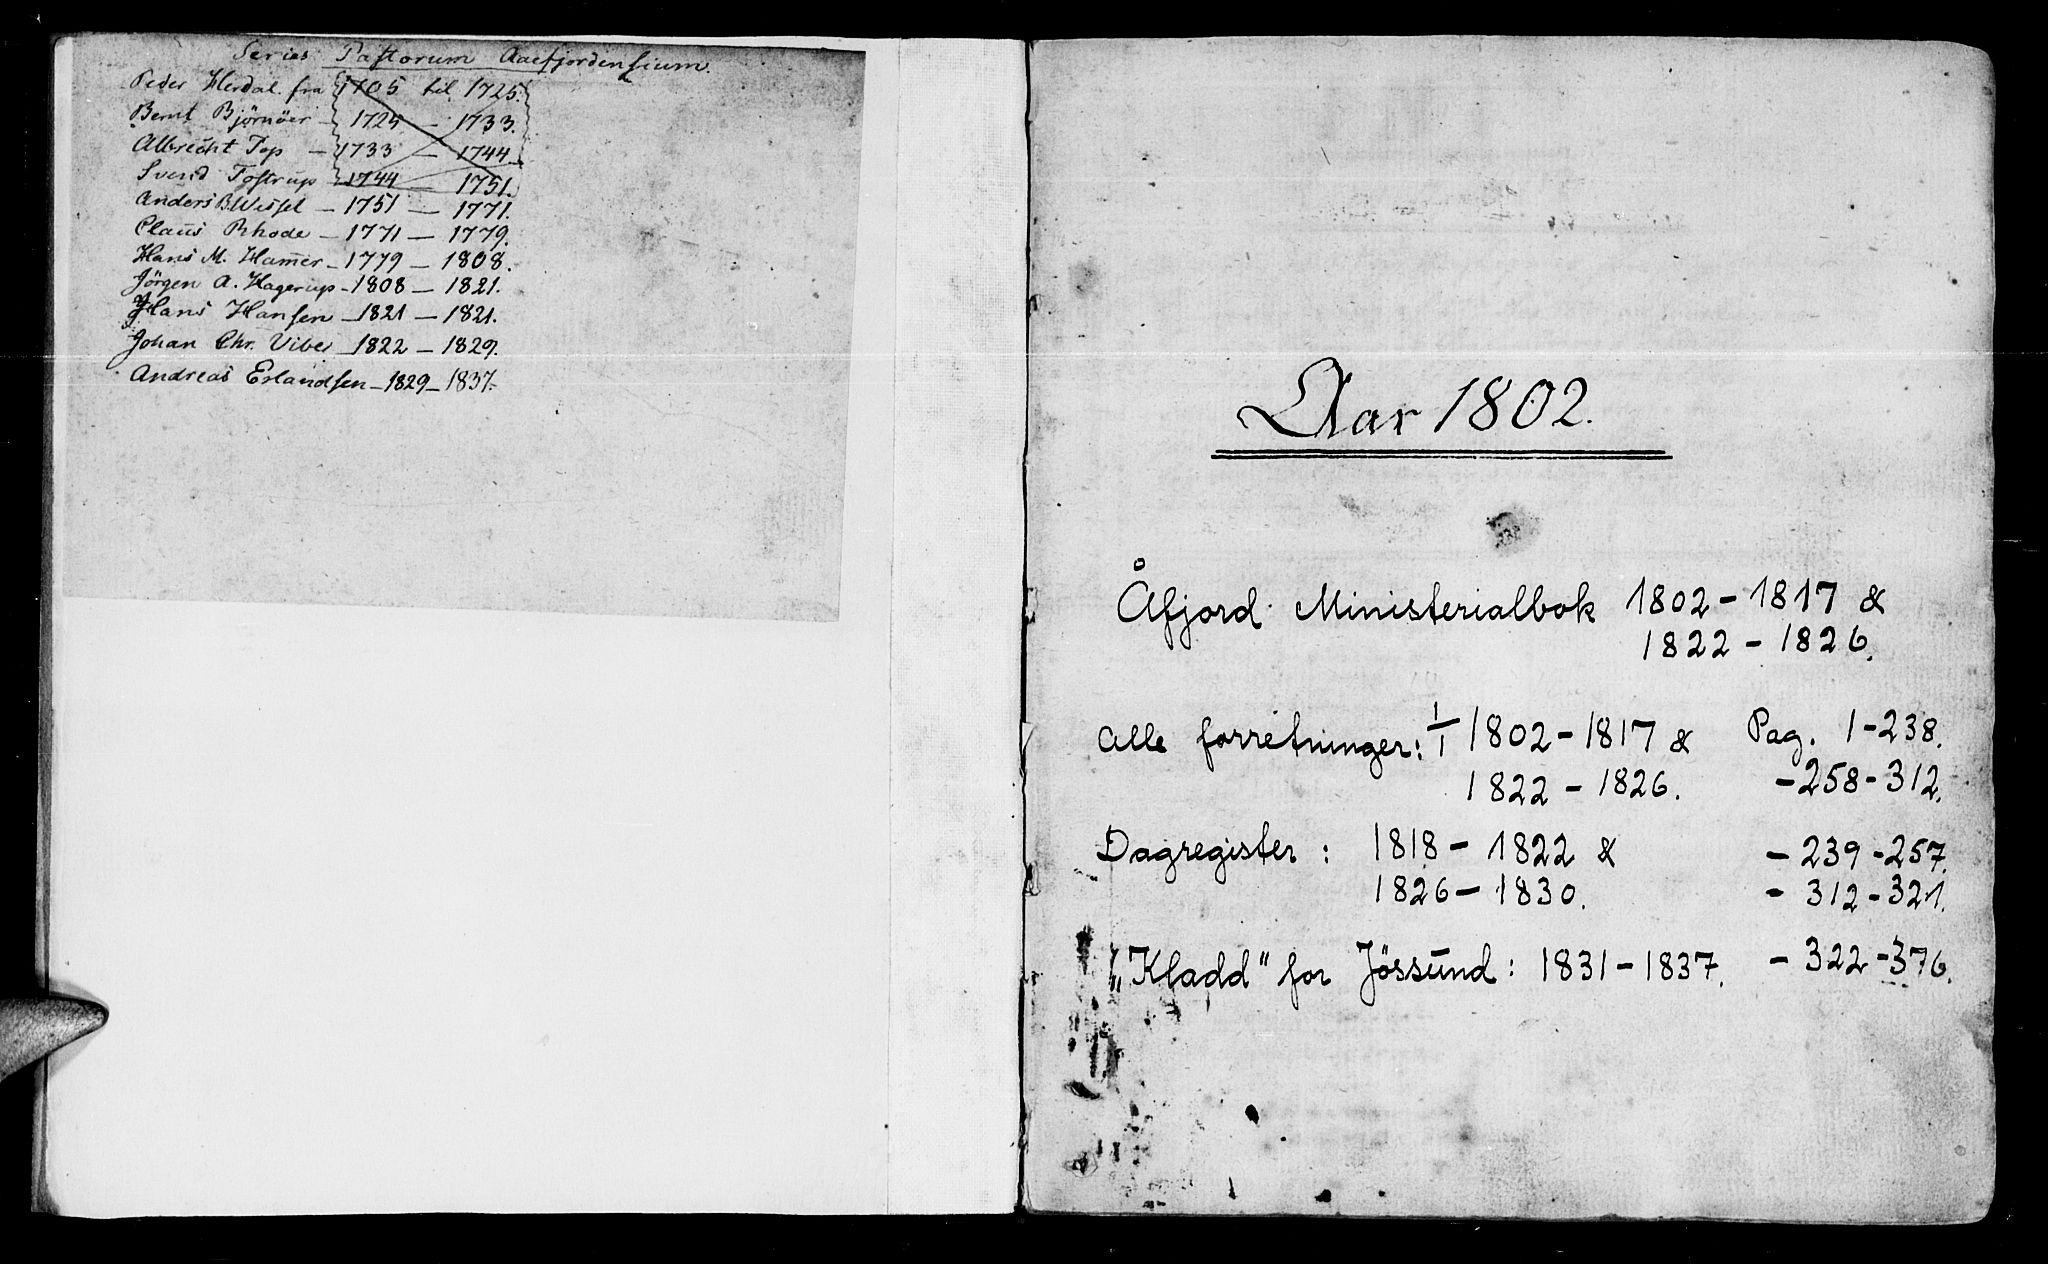 SAT, Ministerialprotokoller, klokkerbøker og fødselsregistre - Sør-Trøndelag, 655/L0674: Ministerialbok nr. 655A03, 1802-1826